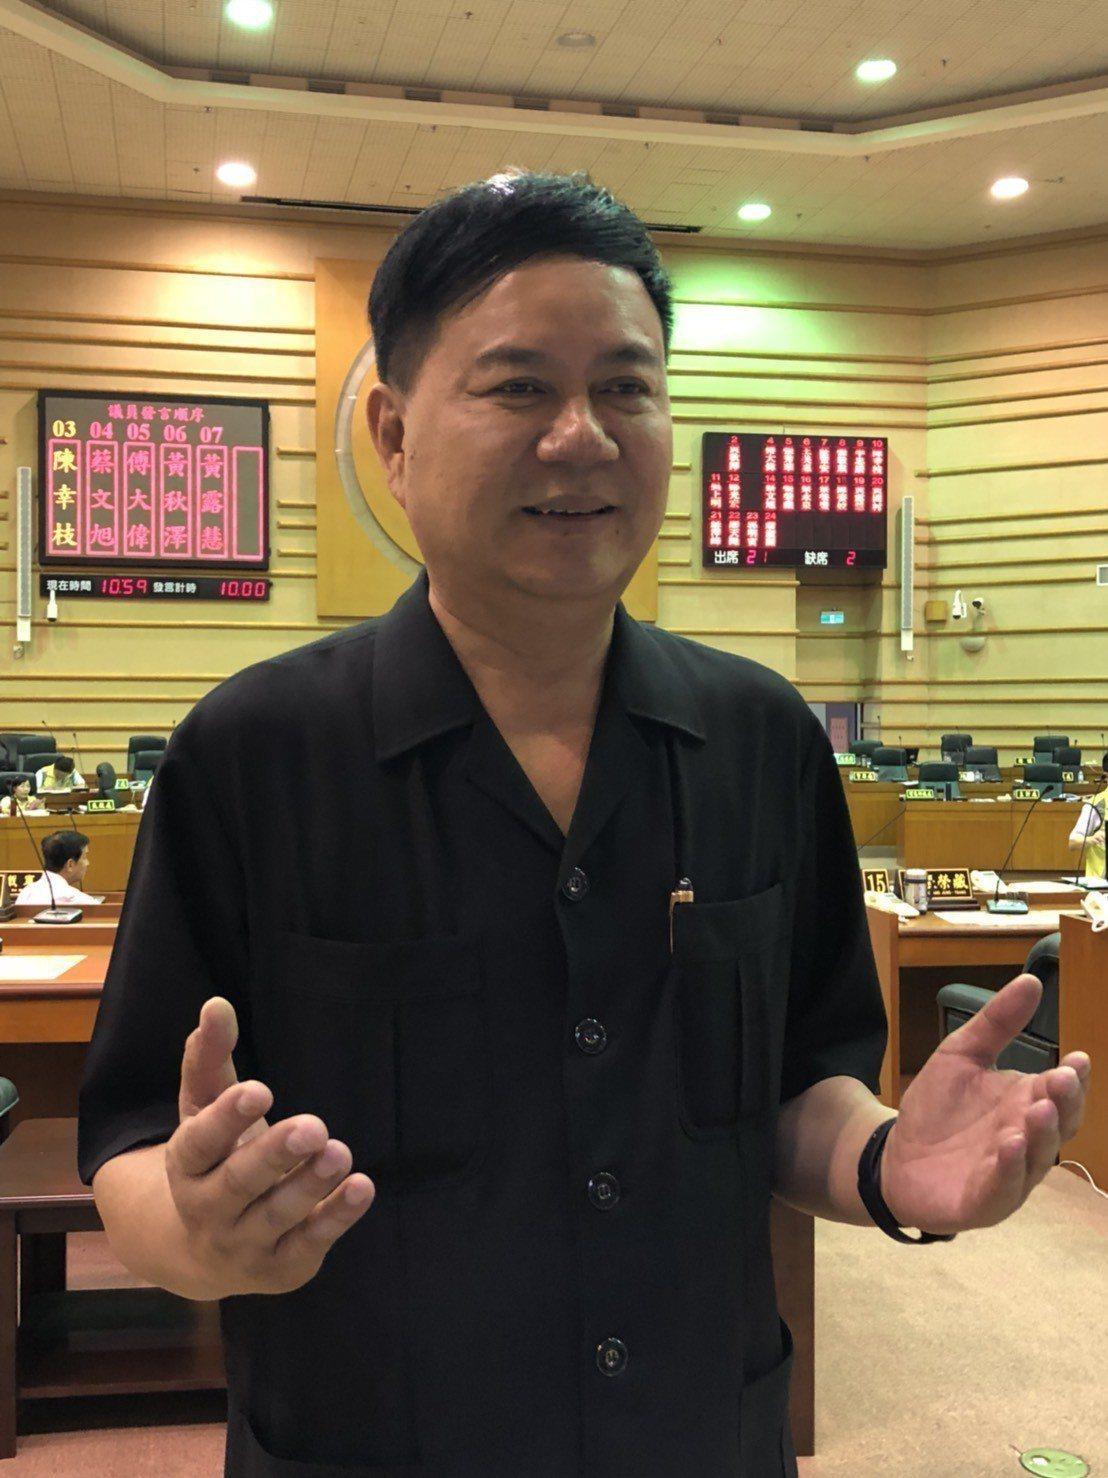 現任嘉義市議會副議長郭明賓有意拚議長,但涉入賄選案,後續發展仍有變數。本報資料照